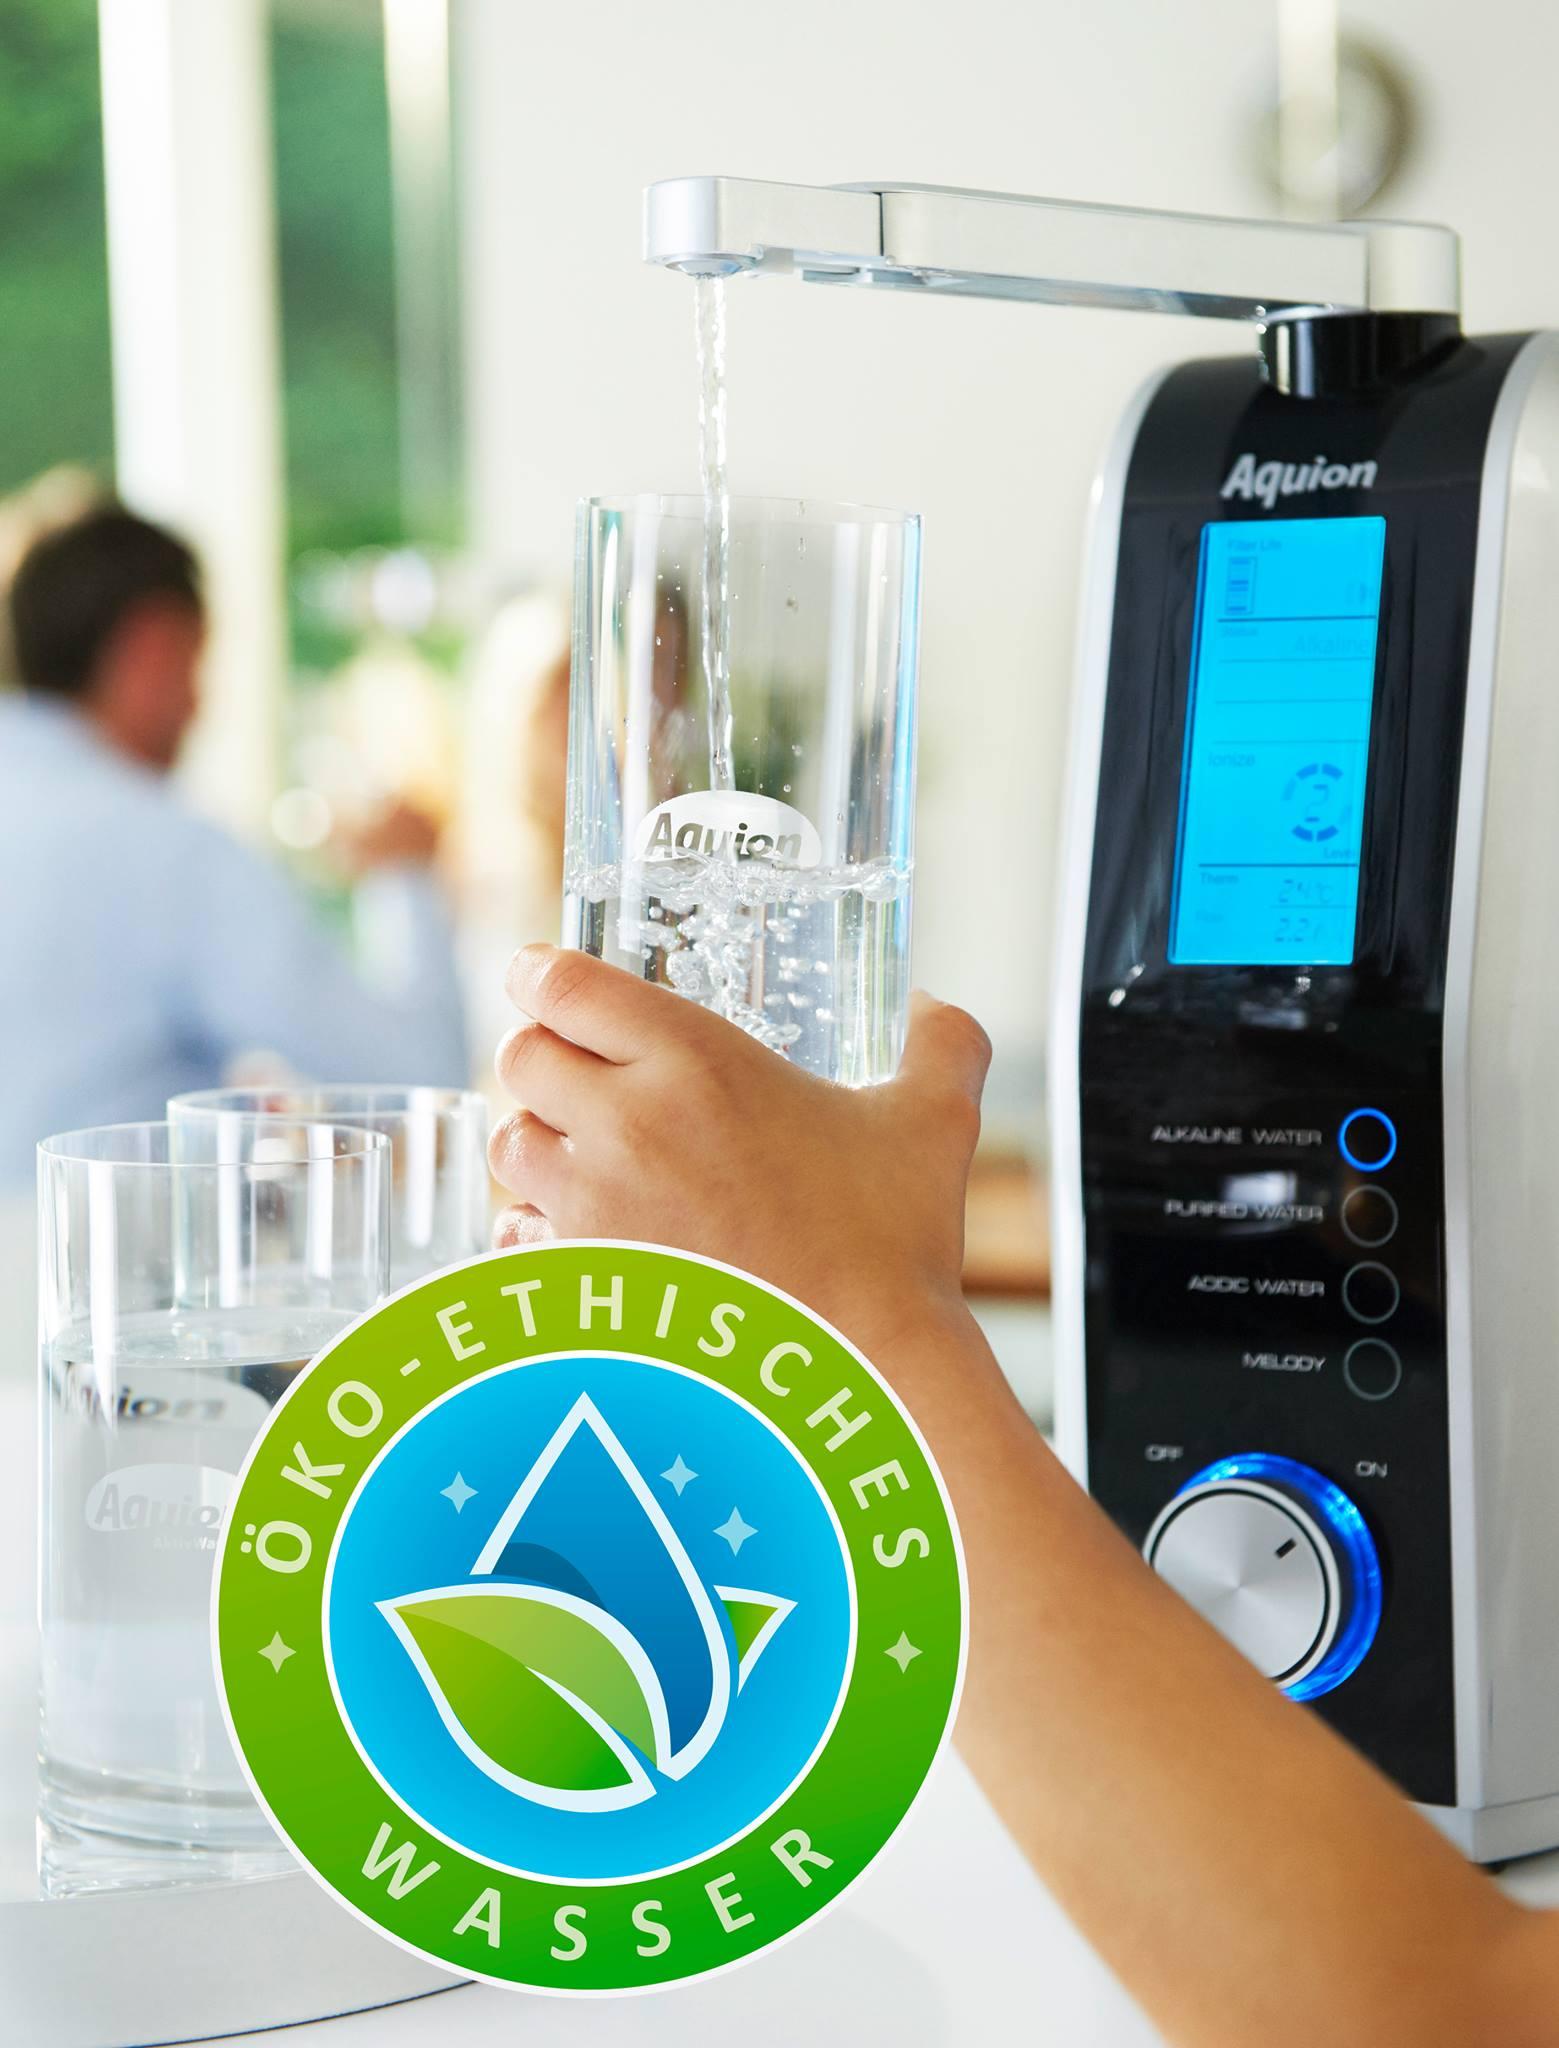 Öko etisches Wasser